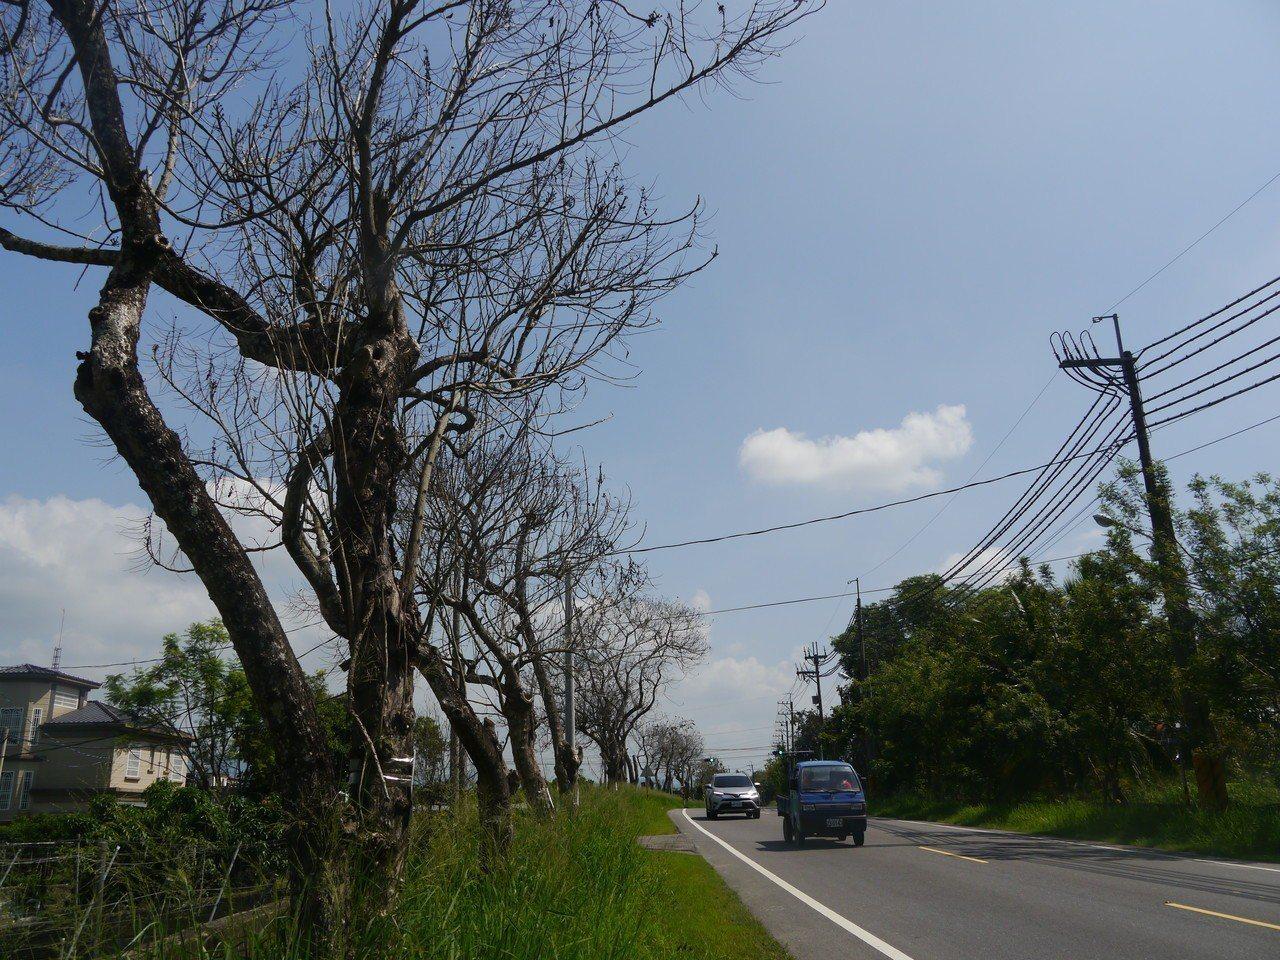 月光山隧道杉林端道路的路樹疑遭人毒害,整排路樹枯黃瀕死。記者徐白櫻/攝影